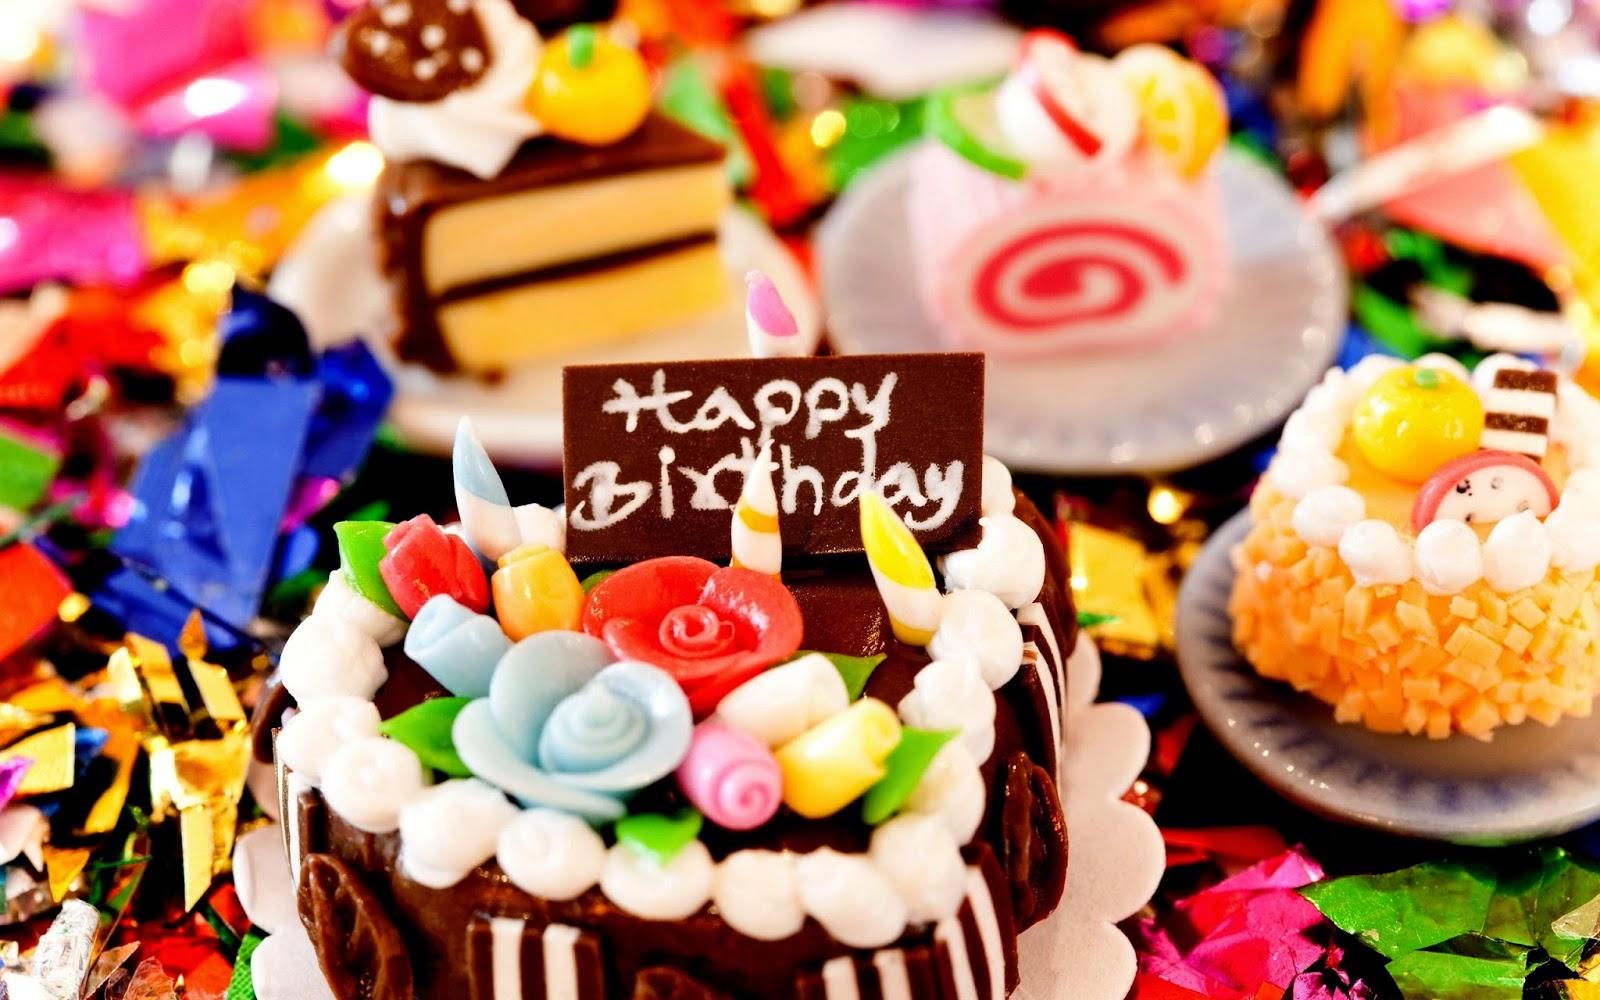 Birthday Wishes Cake